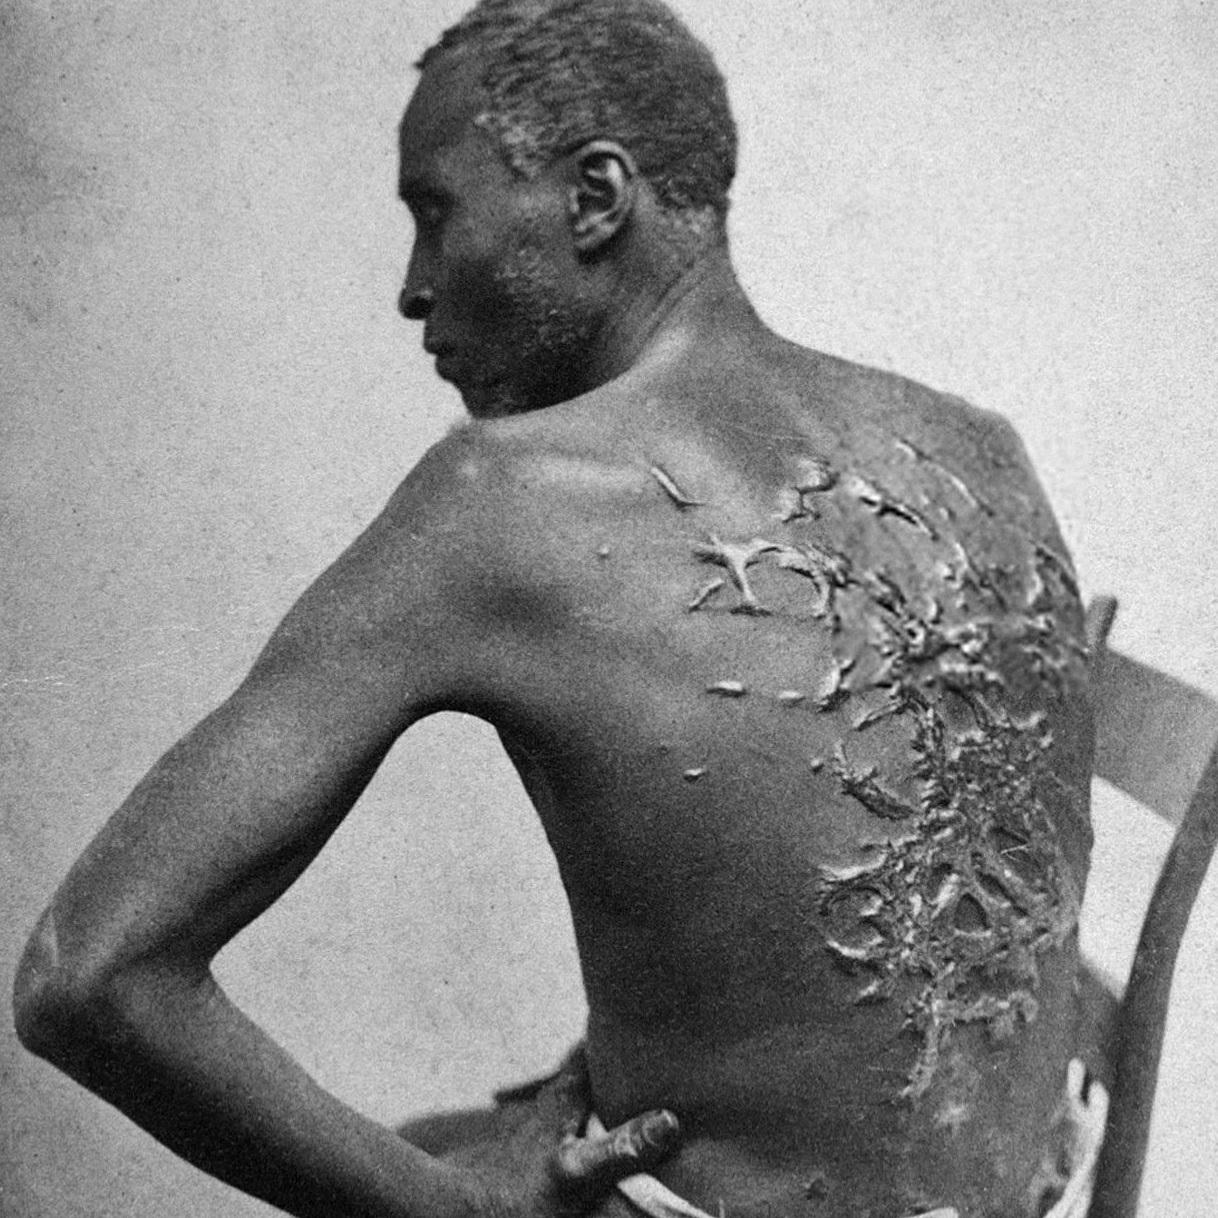 """Katowani za życia niewolnicy (na zdj. czarnoskóry mężczyzna z bliznami po batach, fotografia wykonana w Luizjanie w 1863 roku) nawet po śmierci nie zaznali spokoju. Profesorowie Penn wykorzystywali ich ciała jako """"pomoce dydaktyczne""""."""